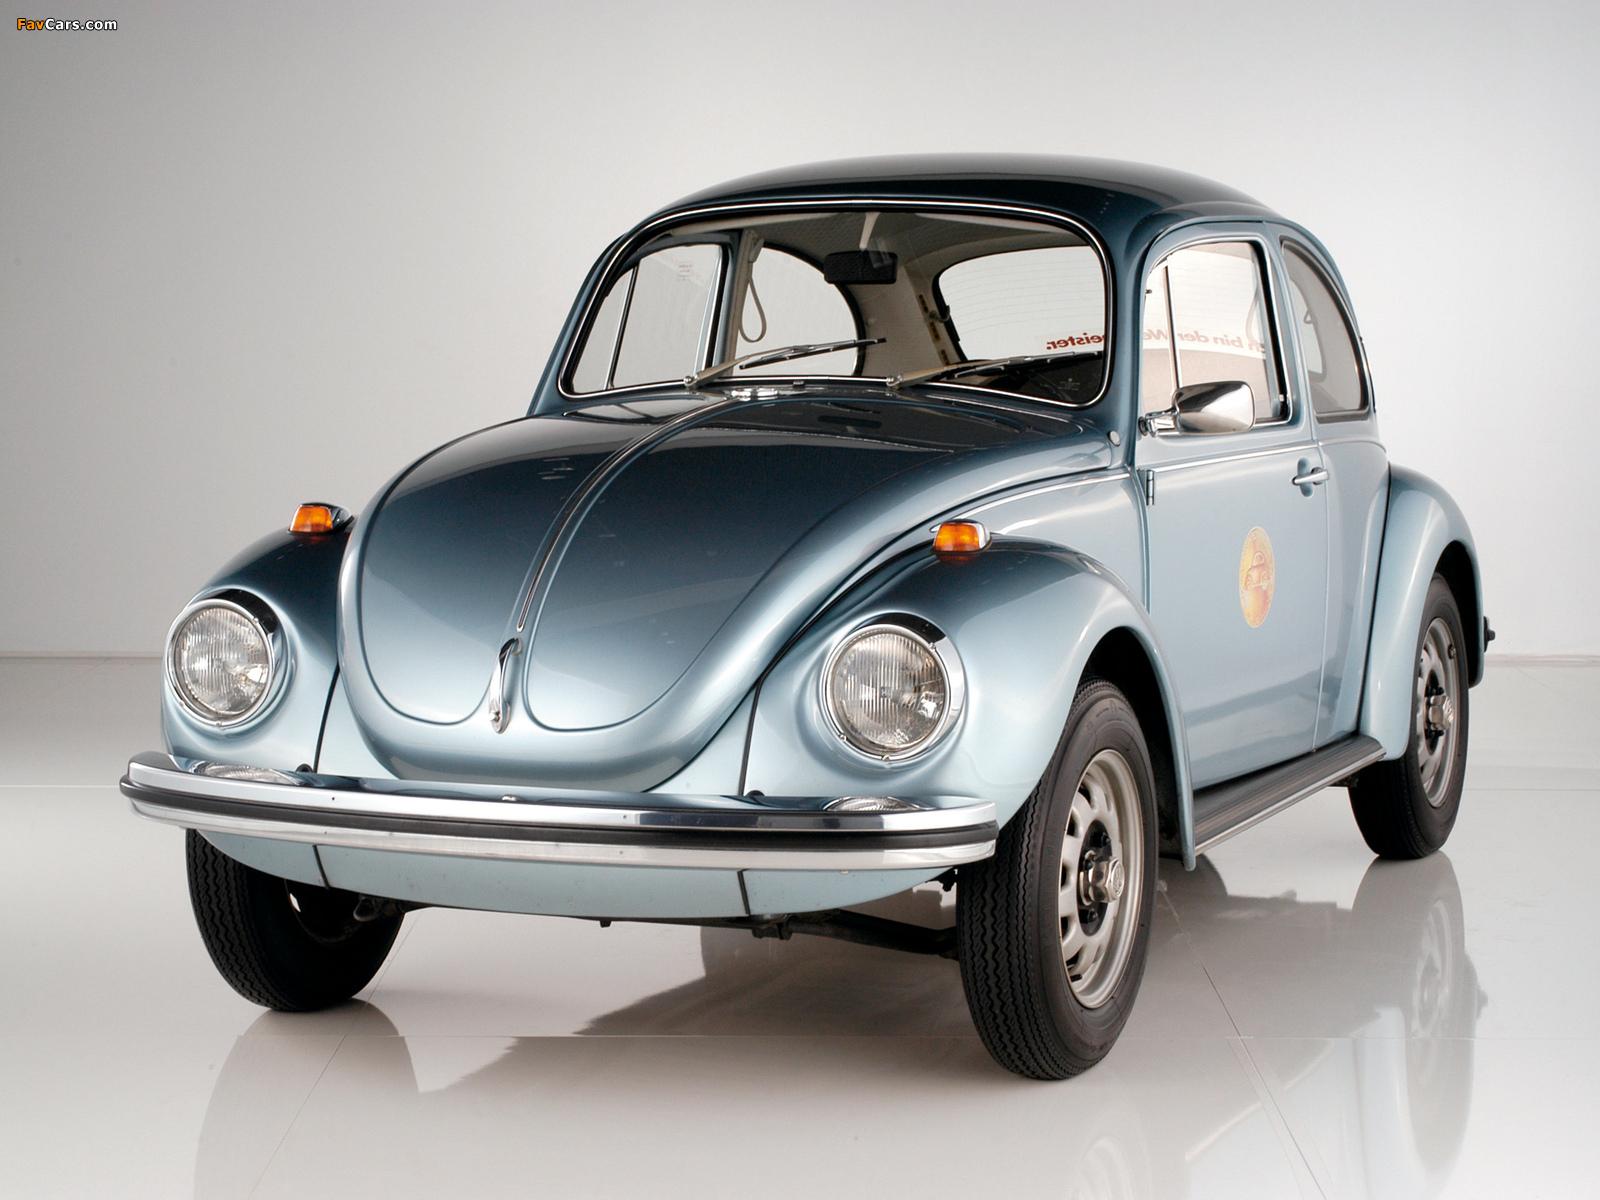 Volkswagen 1302 S Weltmeister 1972 pictures (1600 x 1200)